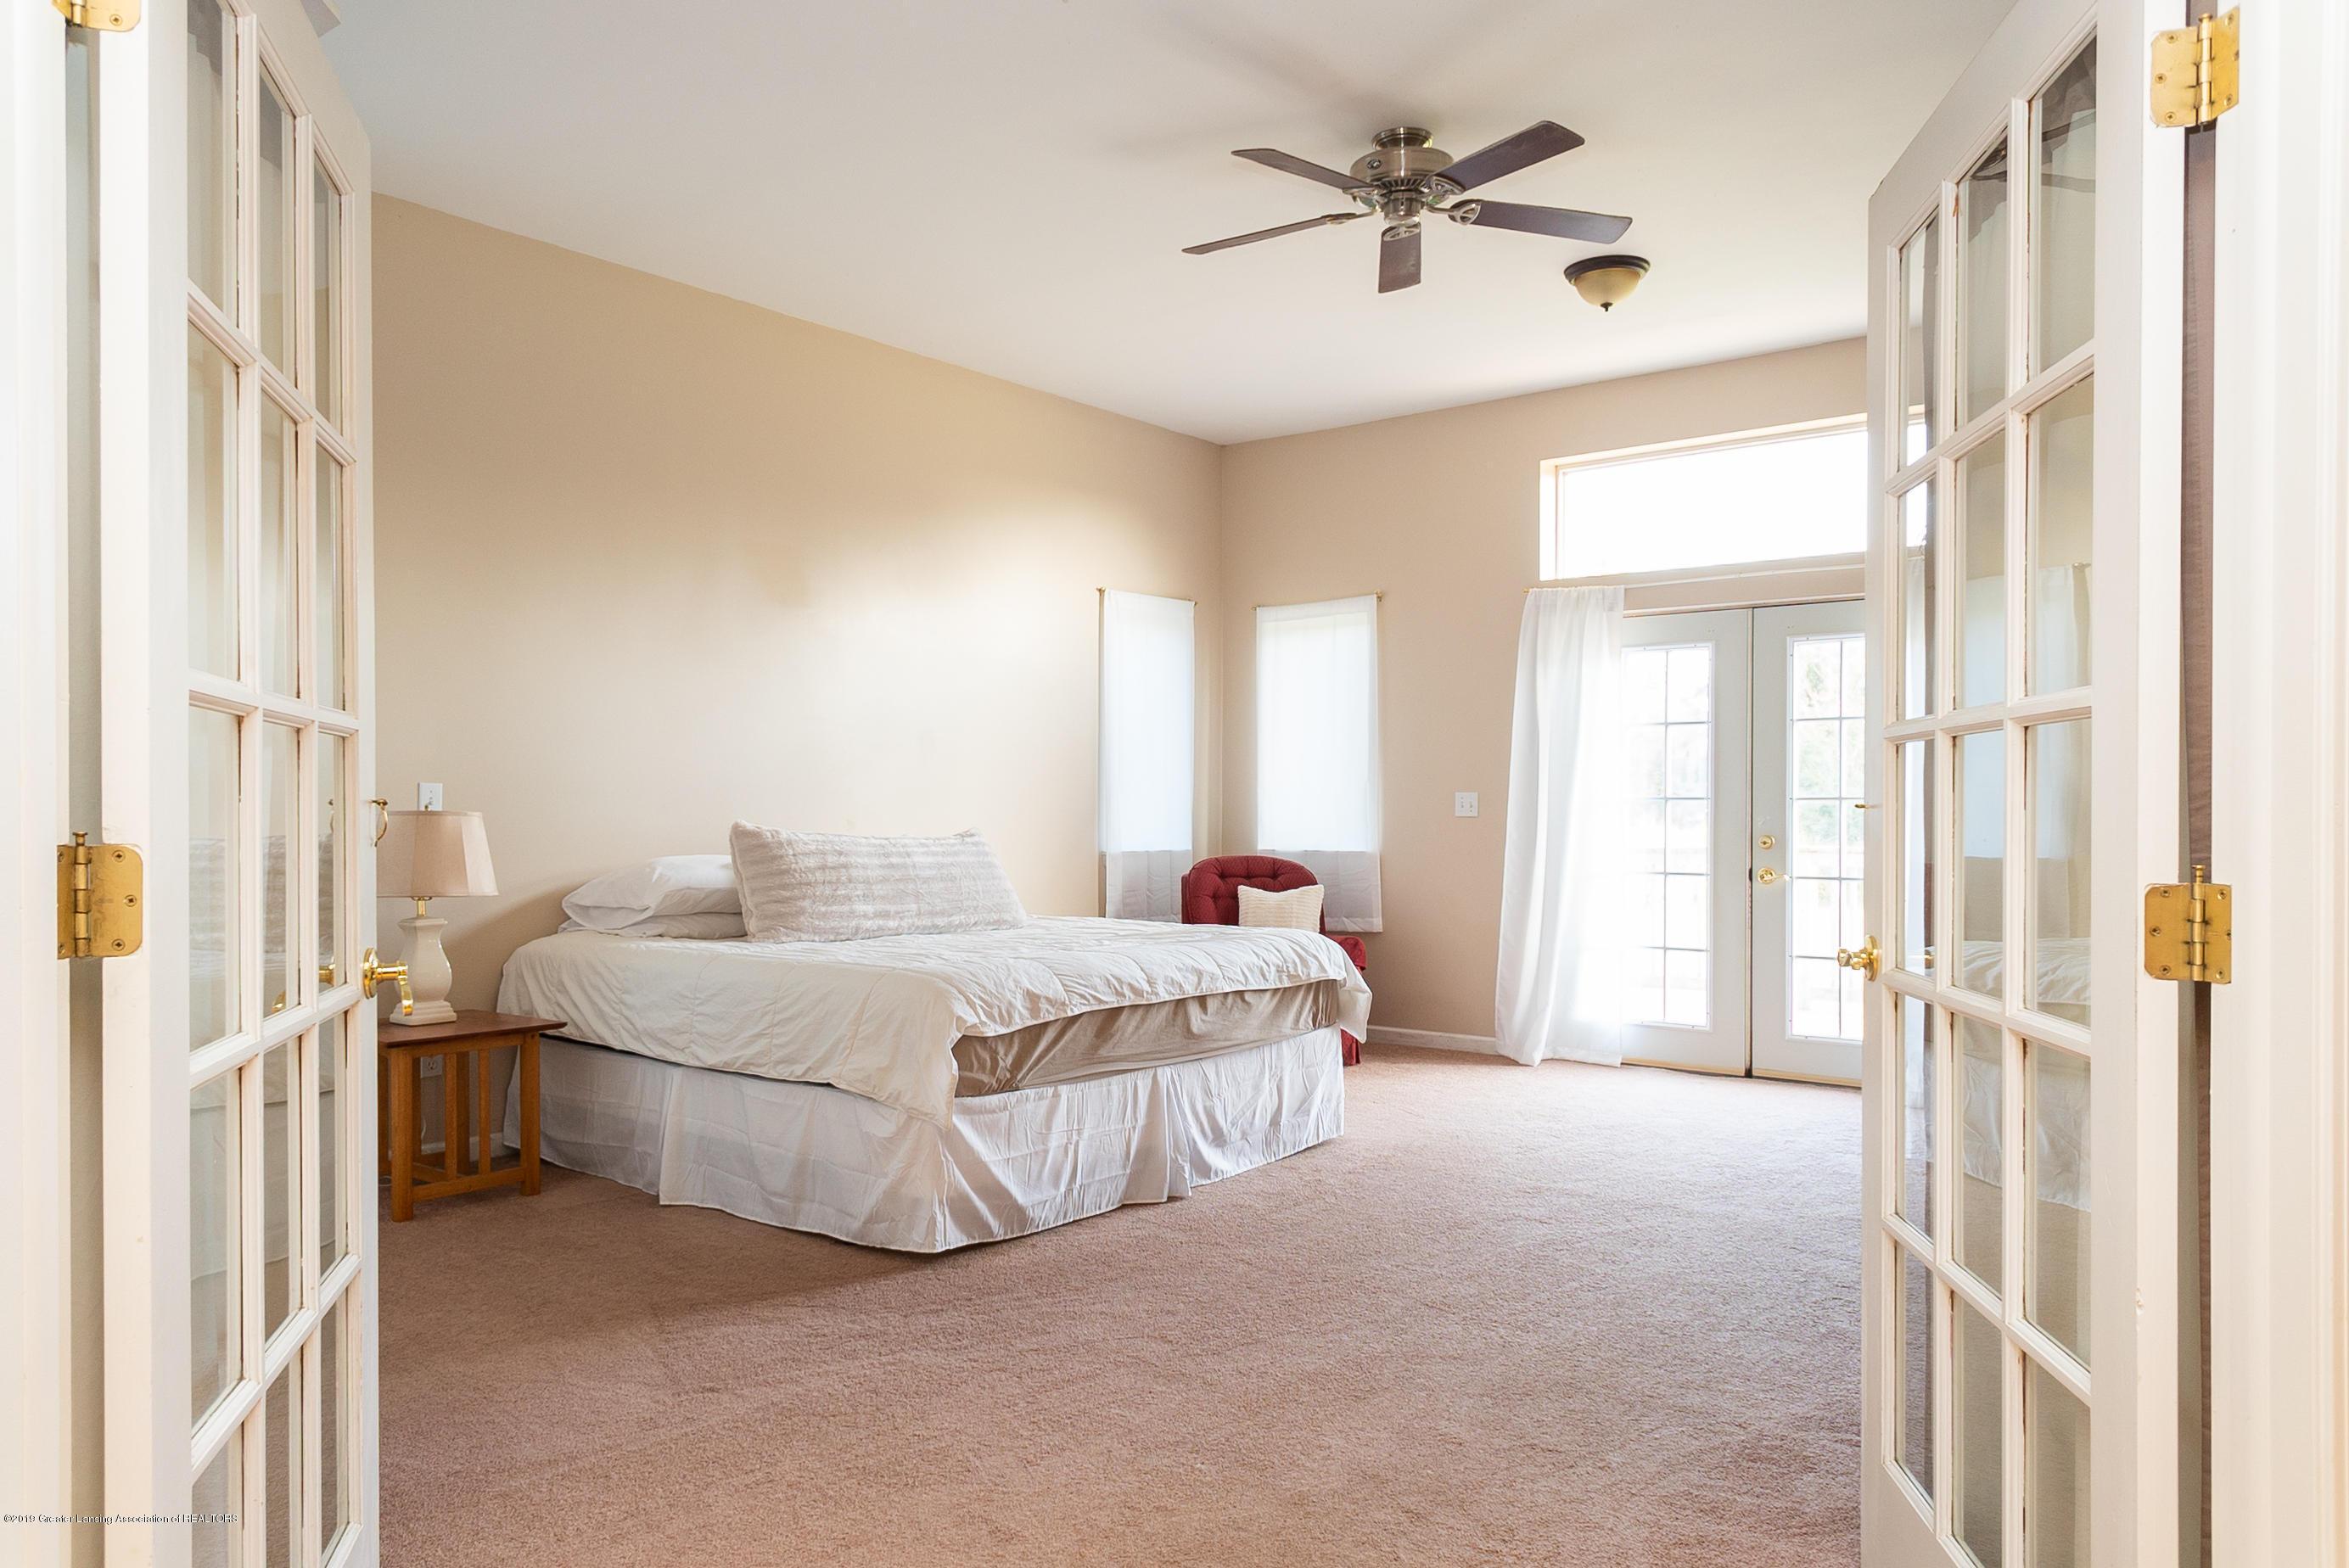 3220 Baseline Rd - Master Bedroom - 11